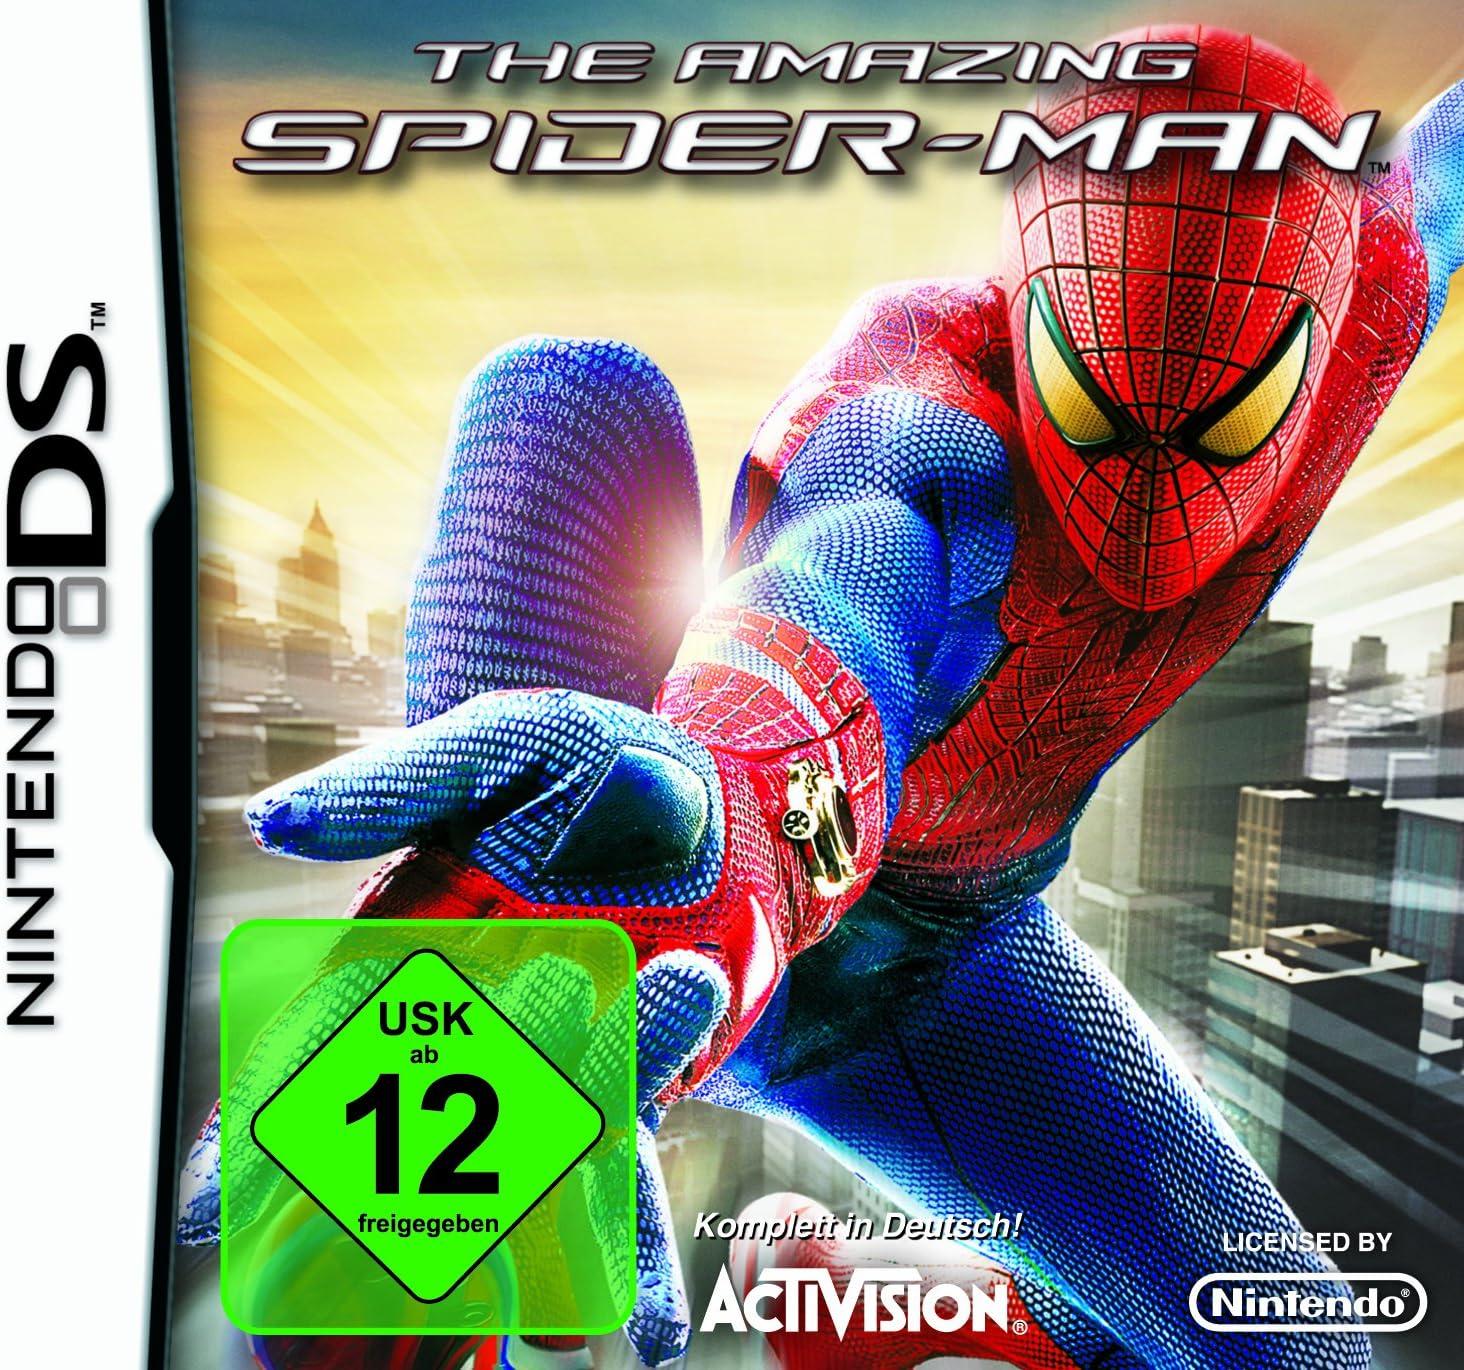 The Amazing Spider-Man [Importación alemana]: Amazon.es: Videojuegos